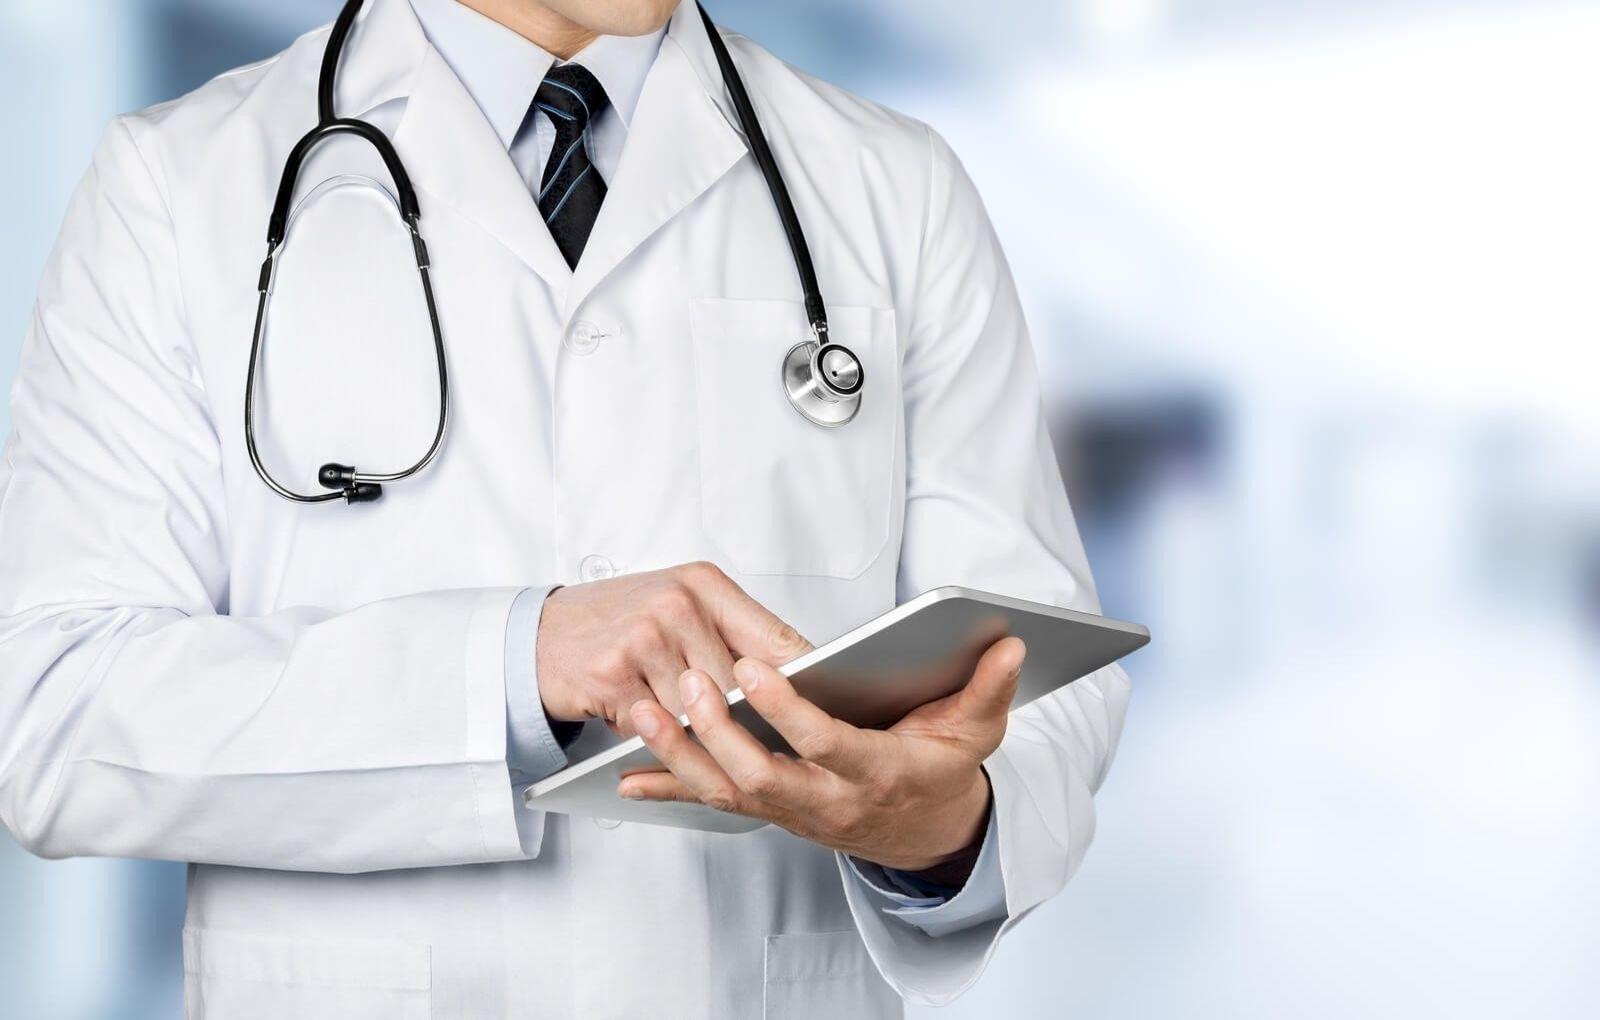 Лечение гарднереллеза Лечение бактериального вагиноза у женщин заключается в решении трех основных задач. В их числе: уменьшение высокой концентрации условно патогенных бактерий гарднерелл во влагалище; восстановление нормальной молочно-кислой микрофлоры влагалища; восстановление «функциональной целостности» слизистой оболочки влагалища. Для решения первой задачи, целью которой, как указано выше, является уменьшение концентрации во влагалище условно патогенных бактерий гарднерелл, пациентке назначают курс специальных антибактериальных препаратов, иногда в сочетании с местными лечебными процедурами. От этого эффективность лечения только возрастает. Для скорейшего и полного восстановления нормальной молочно-кислой микрофлоры влагалища широко применяют так называемые биопрепараты и иммуномодуляторы. При лечении бактериального вагиноза необходимо обратить особое внимание на анатомо-функциональное состояние и характер биоценоза толстого кишечника. Если у пациентки существуют дисбактериоз кишечника или какие-либо проктологические проблемы, то их нужно устранить перед тем как приступить к лечению вагинального дисбиоза. Обычно курс лечения гарднереллез длится около 7 дней. О достигнутом клиническом эффекте лечения можно объективно судить по исчезновению симптомов. По окончании лечения проводят контрольное цитологическое и бактериологическое исследования. В период проведения лечения необходимо полностью отказаться от «незащищенных» половых контактов с половым партнером (половыми партнерами). Любая интимная связь должна сопровождаться использованием презерватива. Лечение гарднереллезного уретрита у мужчин сводится к назначению местного лечения в сочетании с иммунотерапией. Это делают в тех случаях, если у мужчины снижен иммунитет.